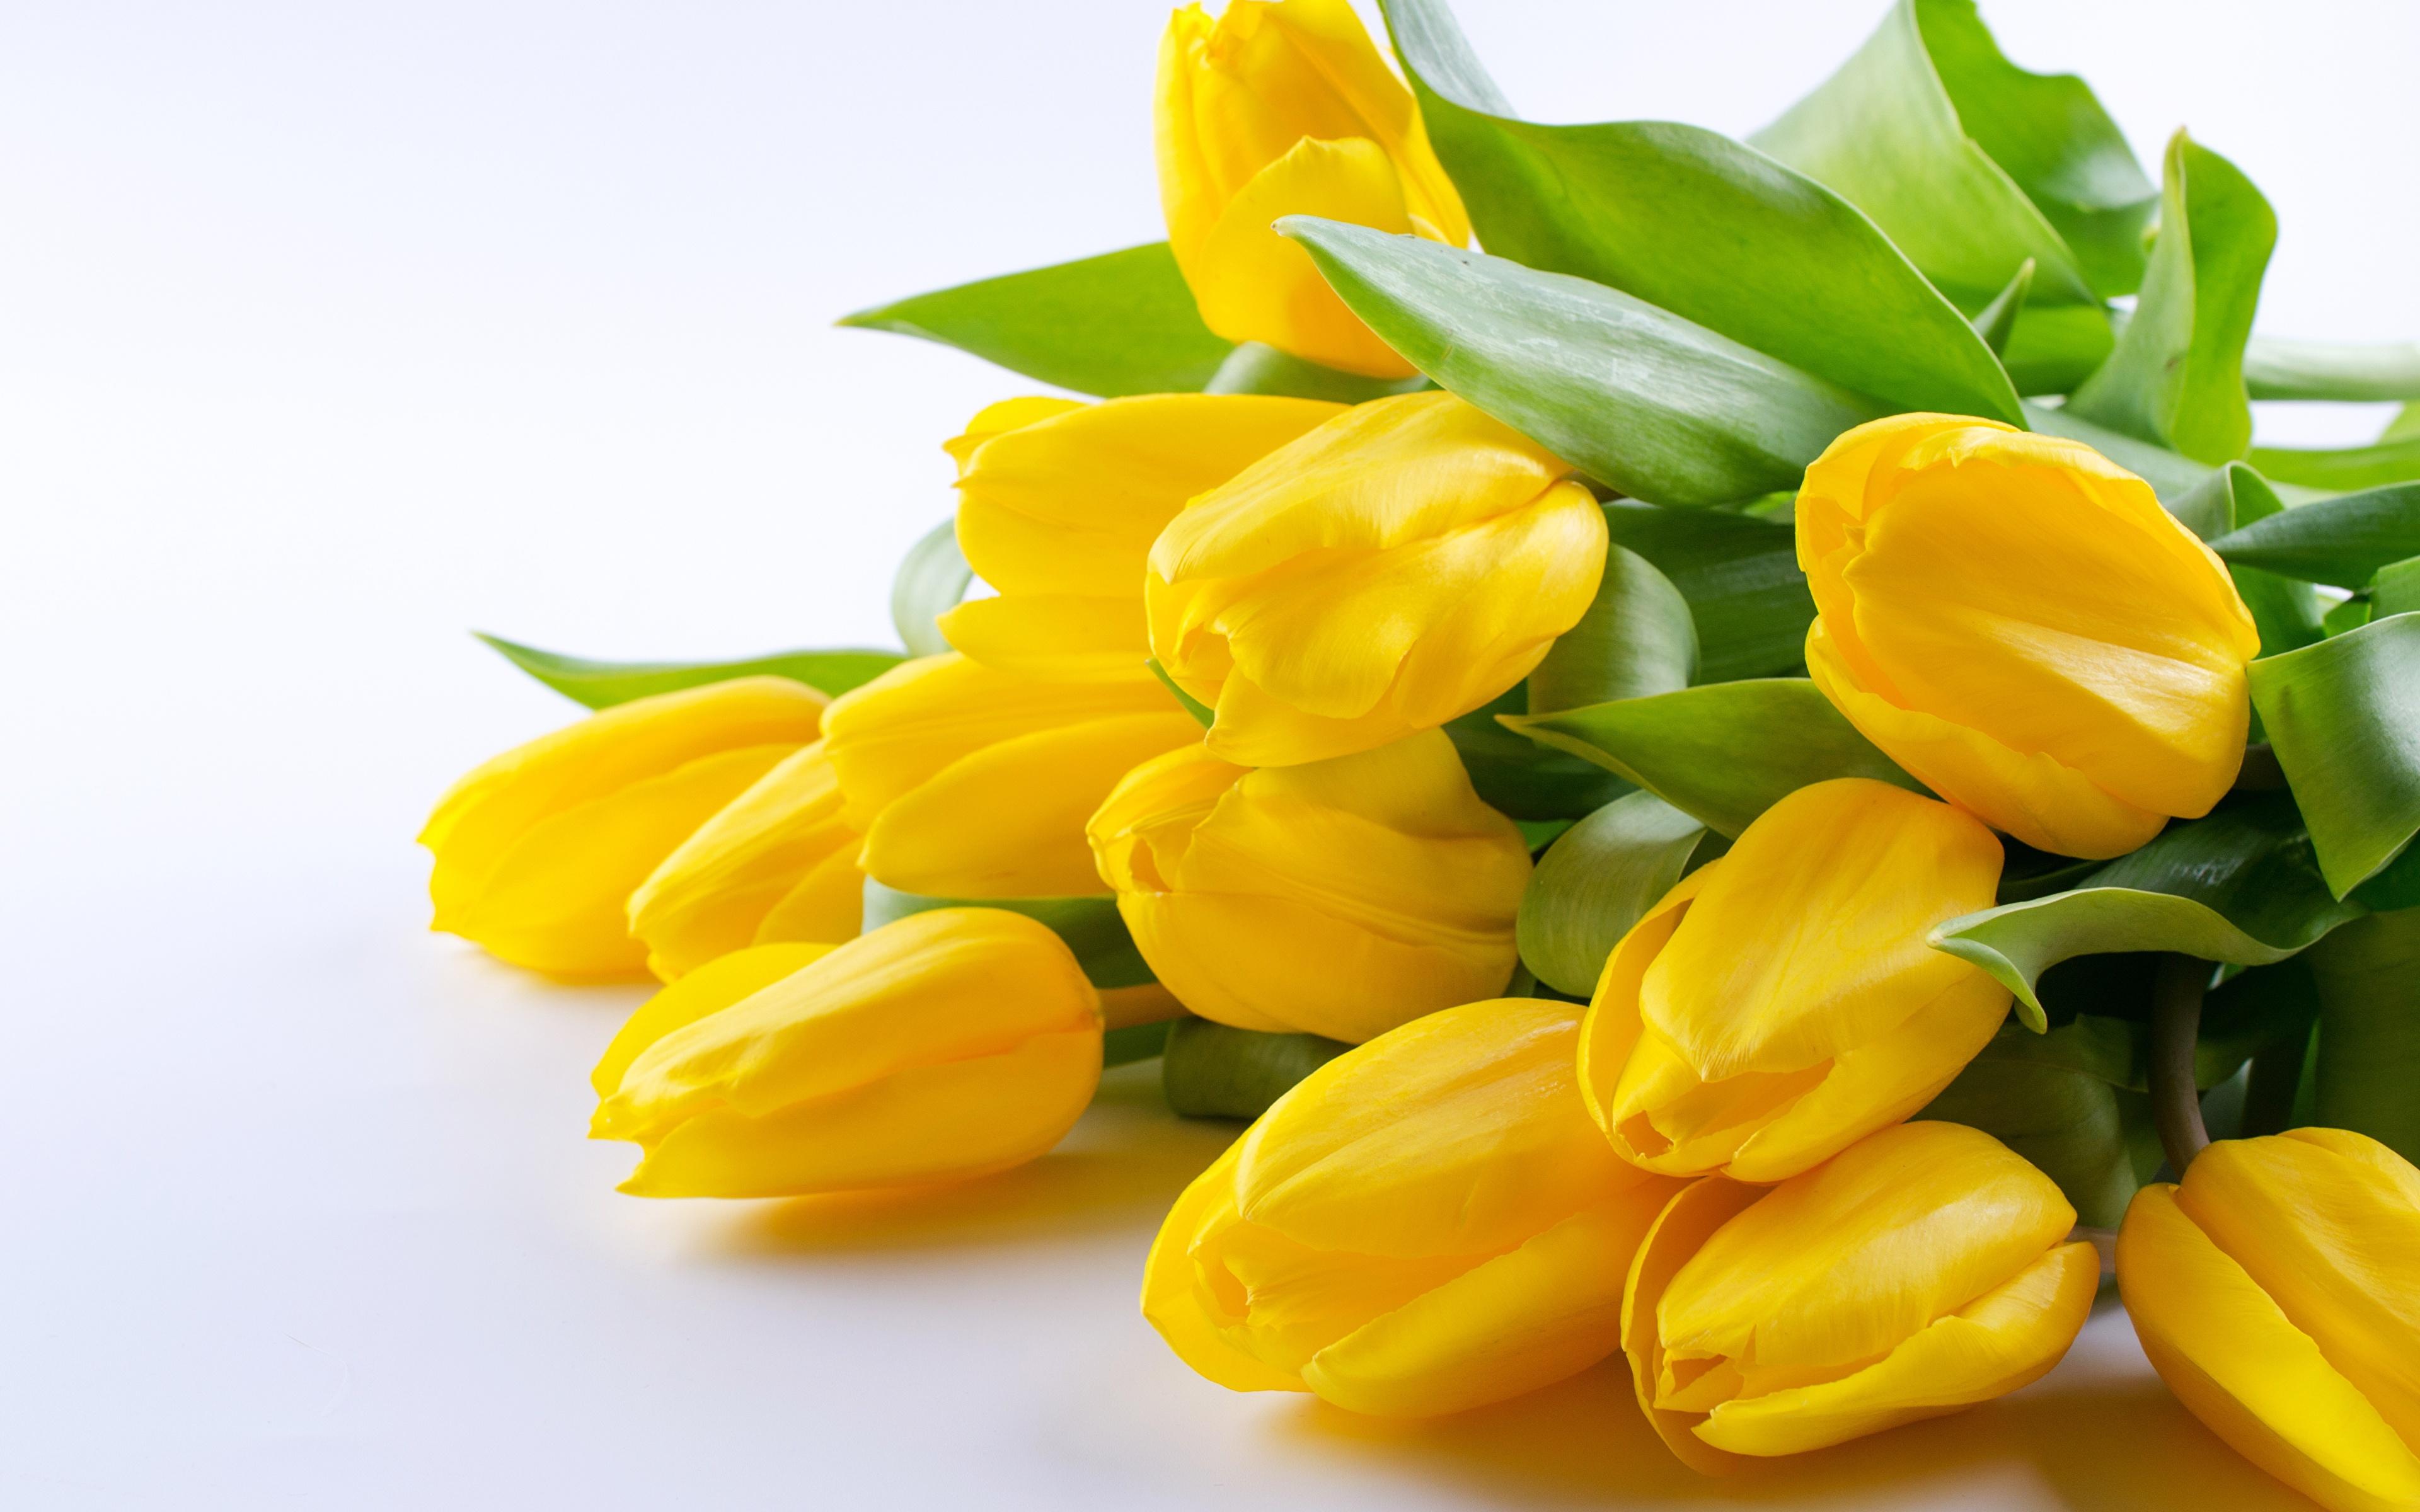 Картинка желтая Тюльпаны цветок 3840x2400 желтые Желтый желтых тюльпан Цветы